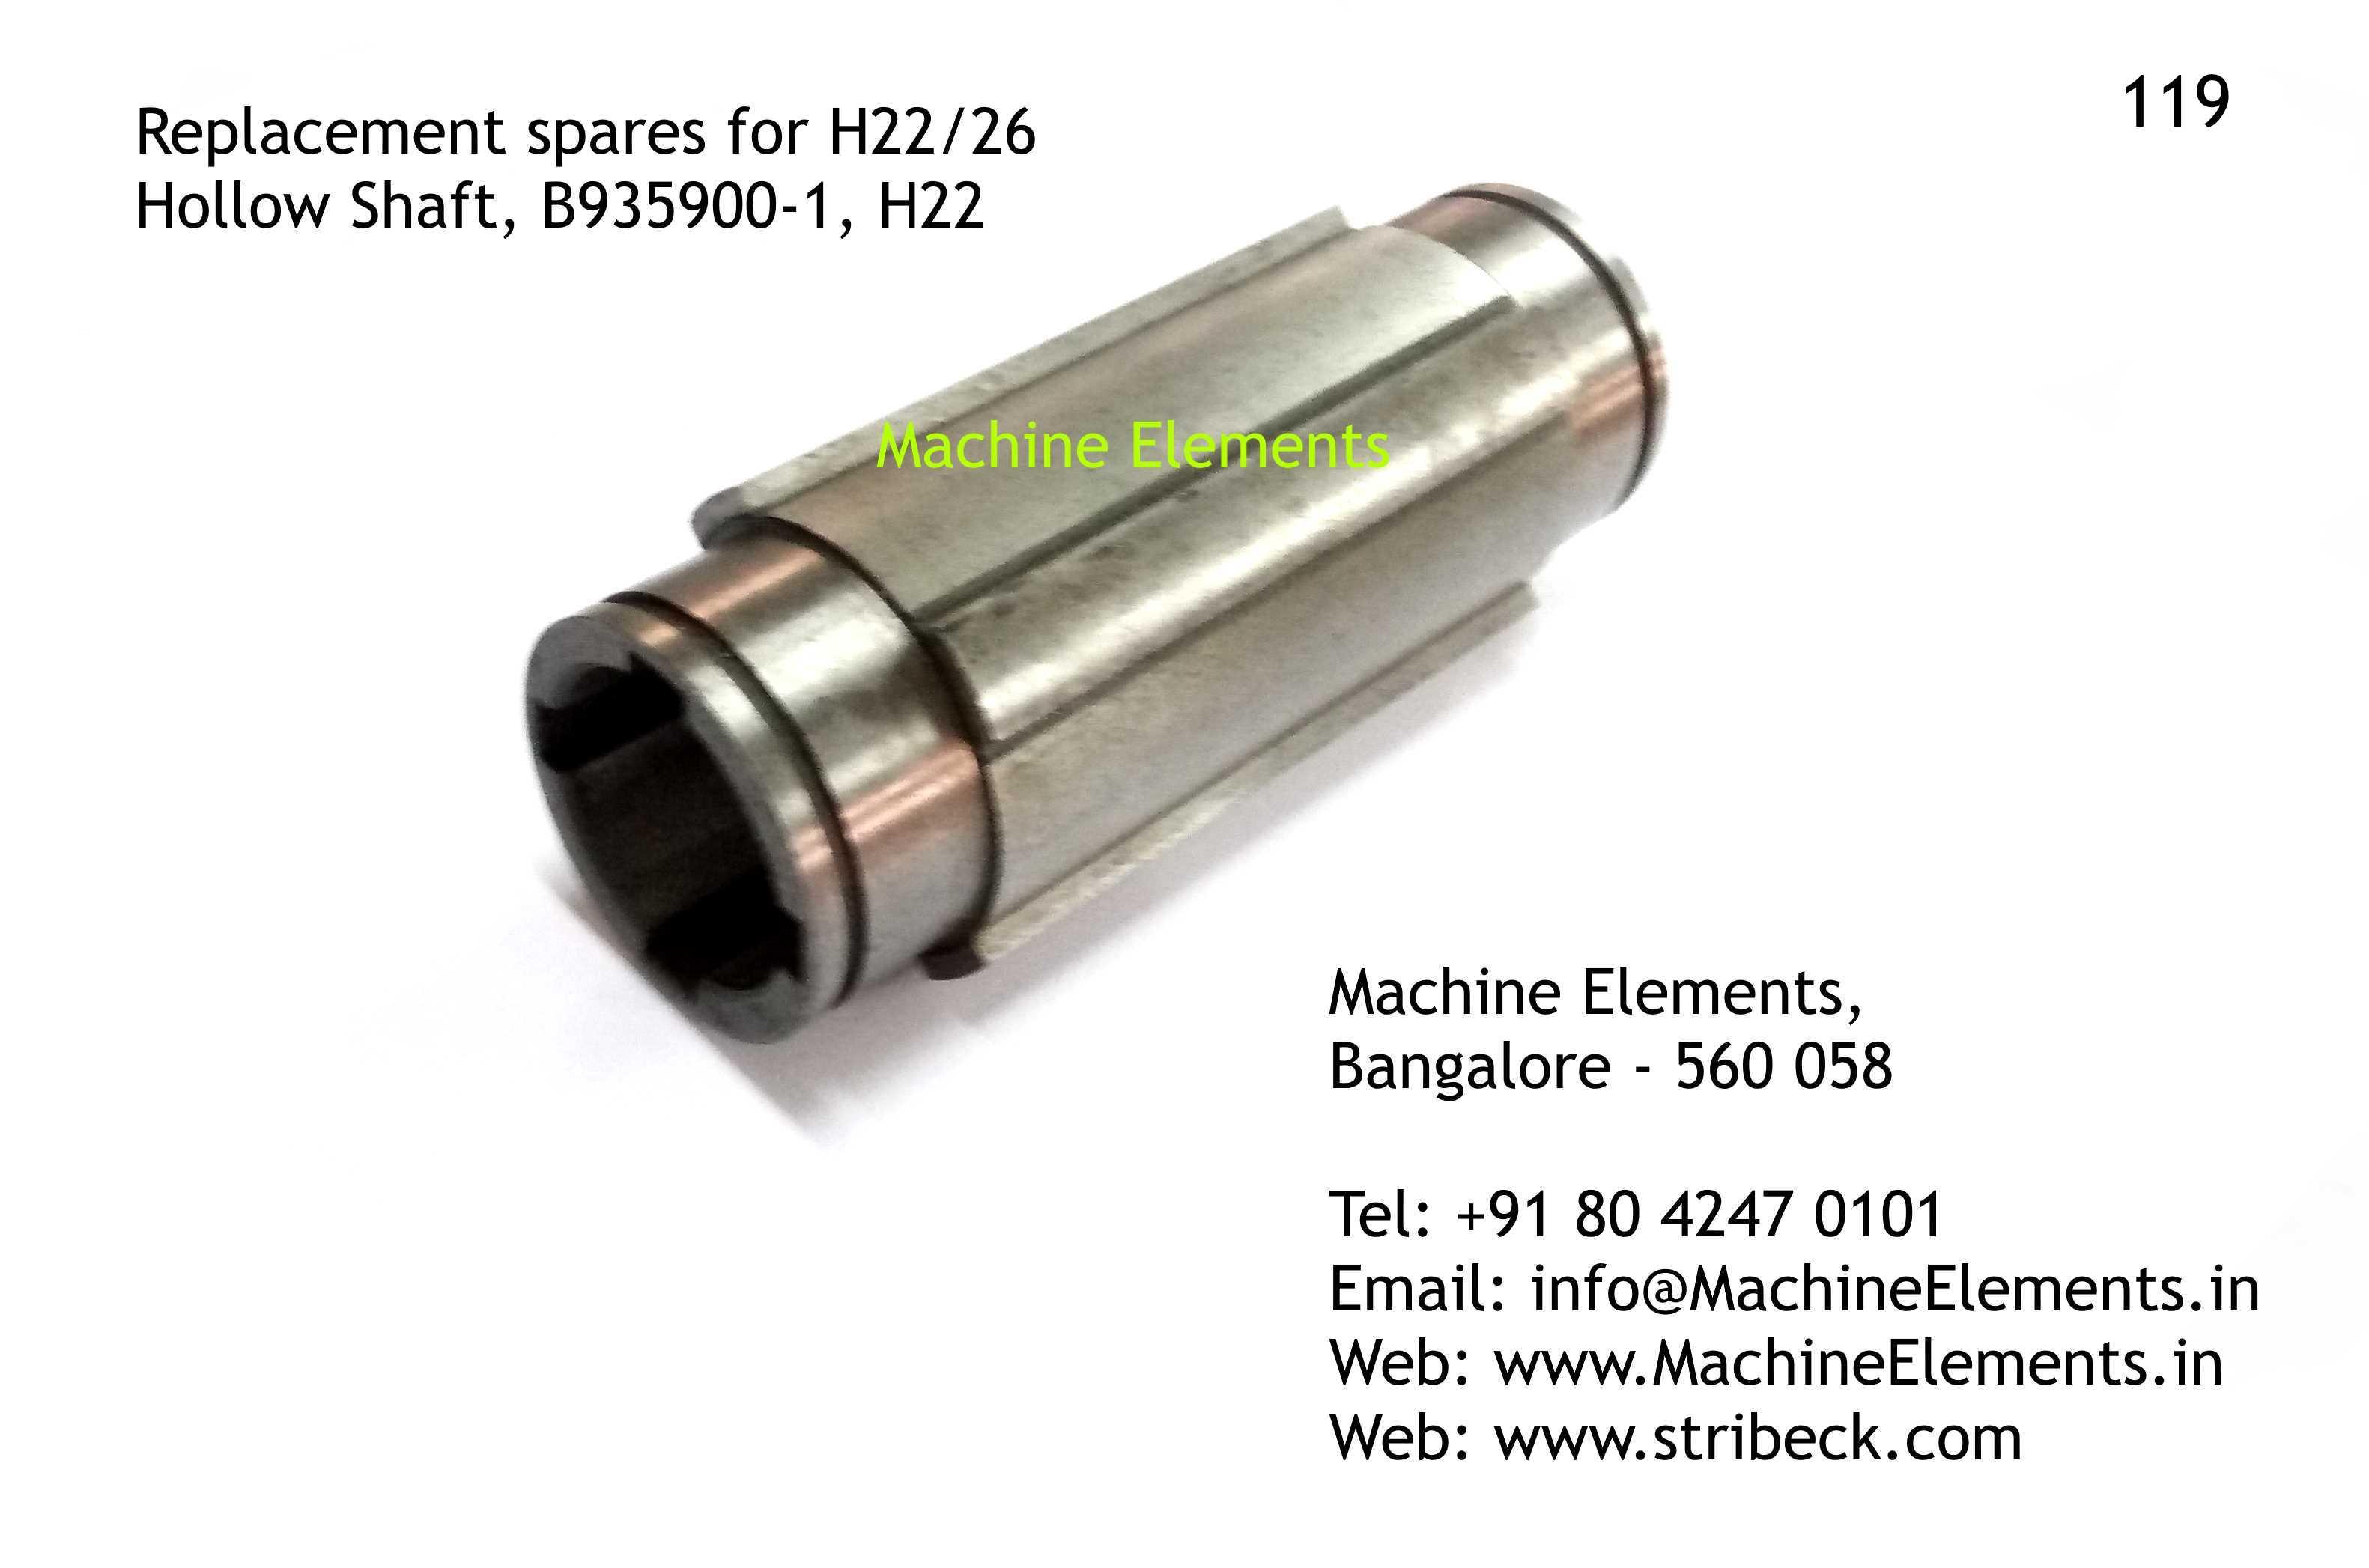 Hollow Shaft, B935900-1, H22